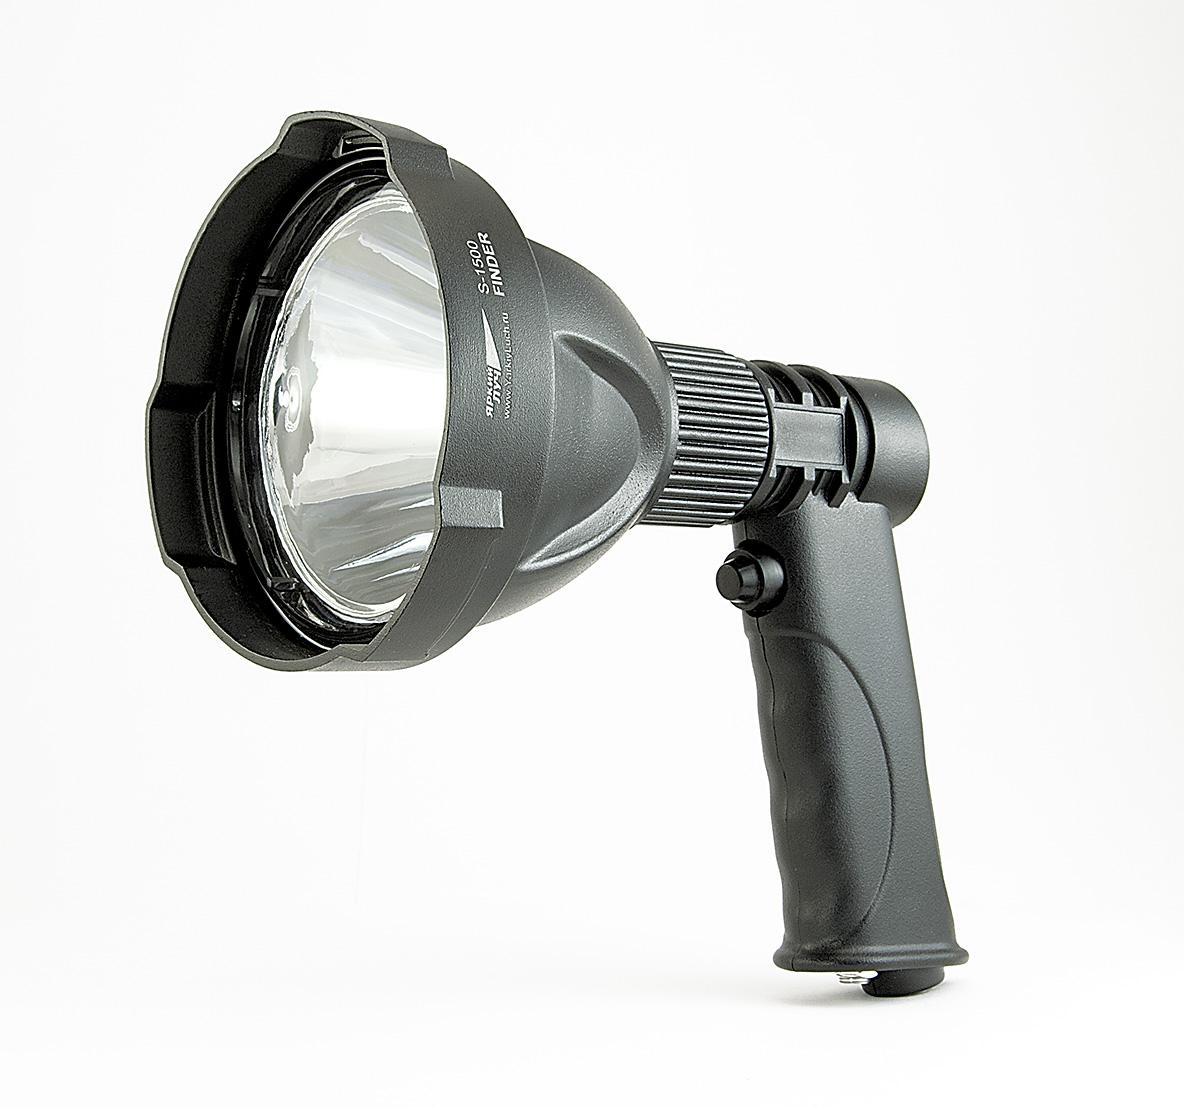 ������ ����� ��� S-1500 finder